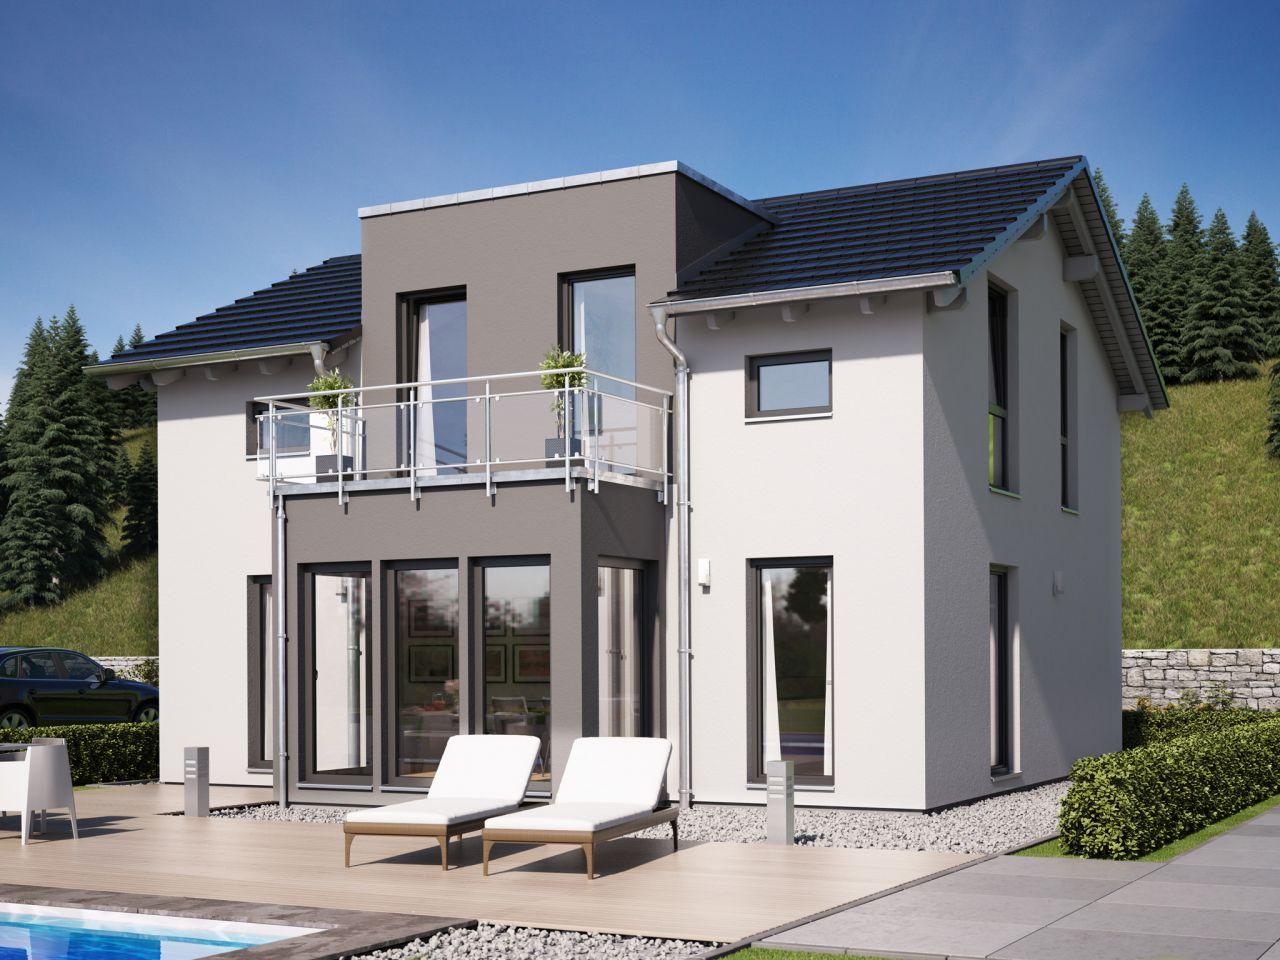 DEIN modernes und energieeffizientes Einfamilienhaus in Mengen!